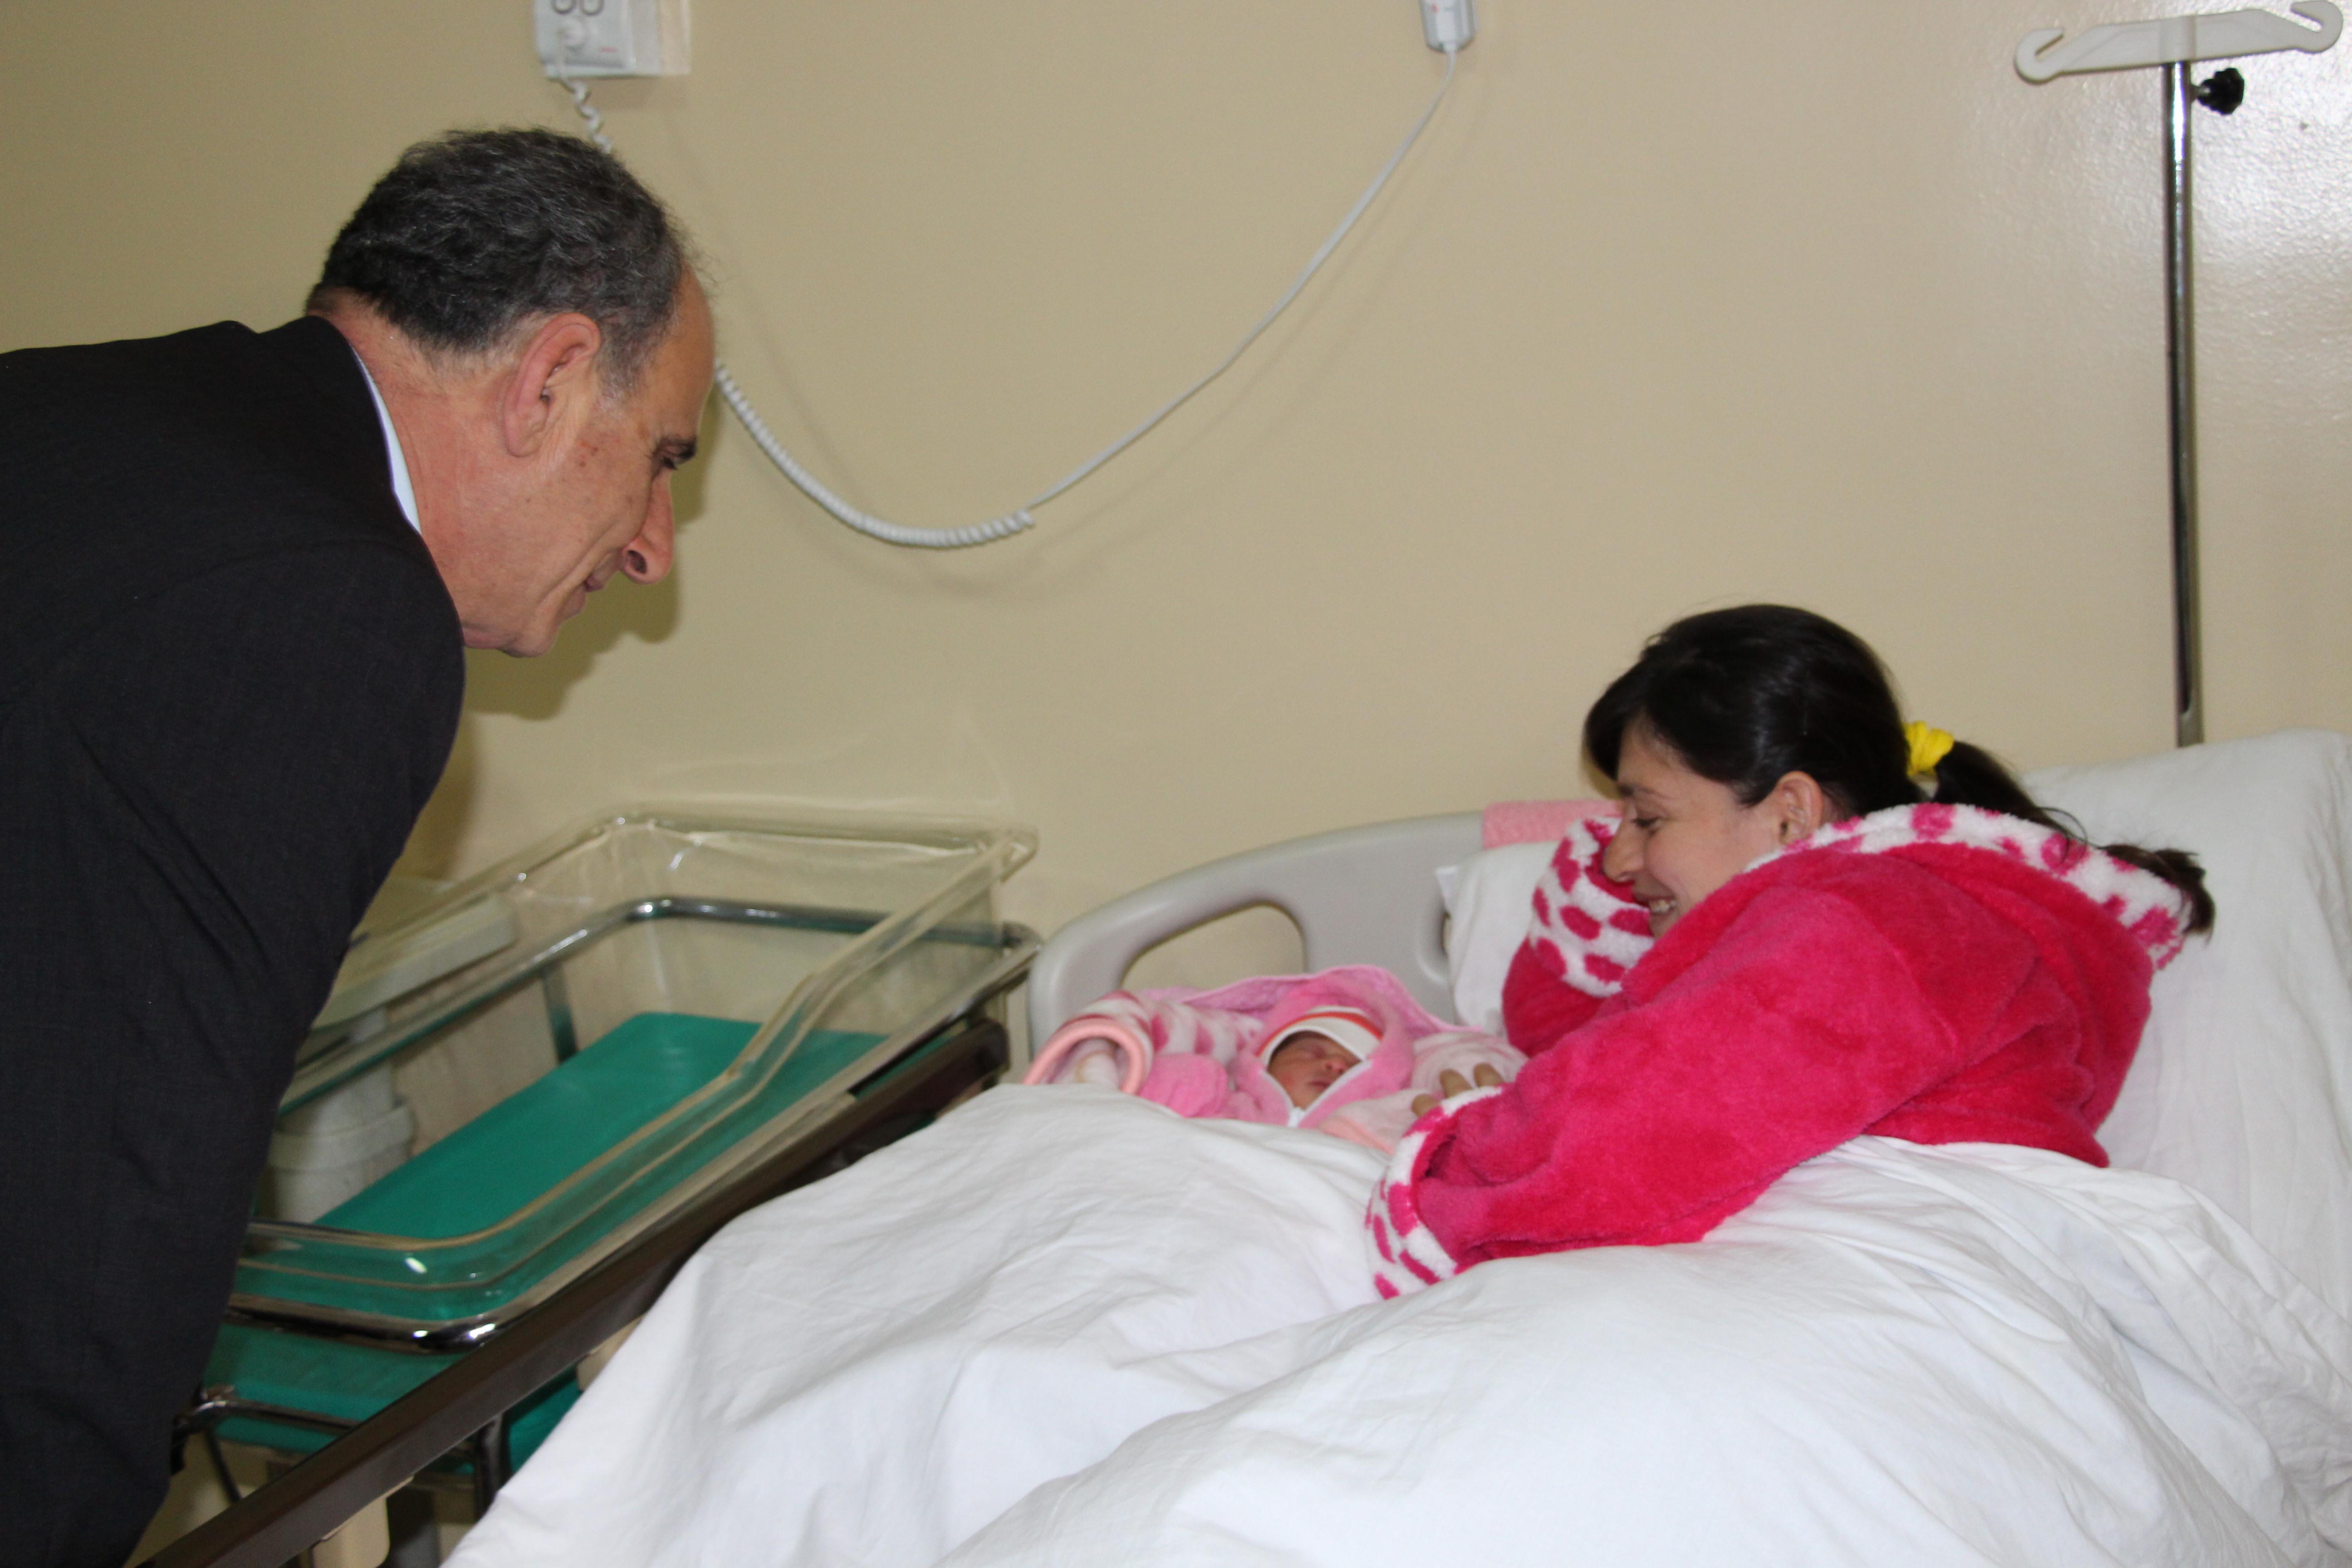 მინისტრმა ახალი წელი სამედიცინო პერსონალს და ახალშობილების დედებს მიულოცა